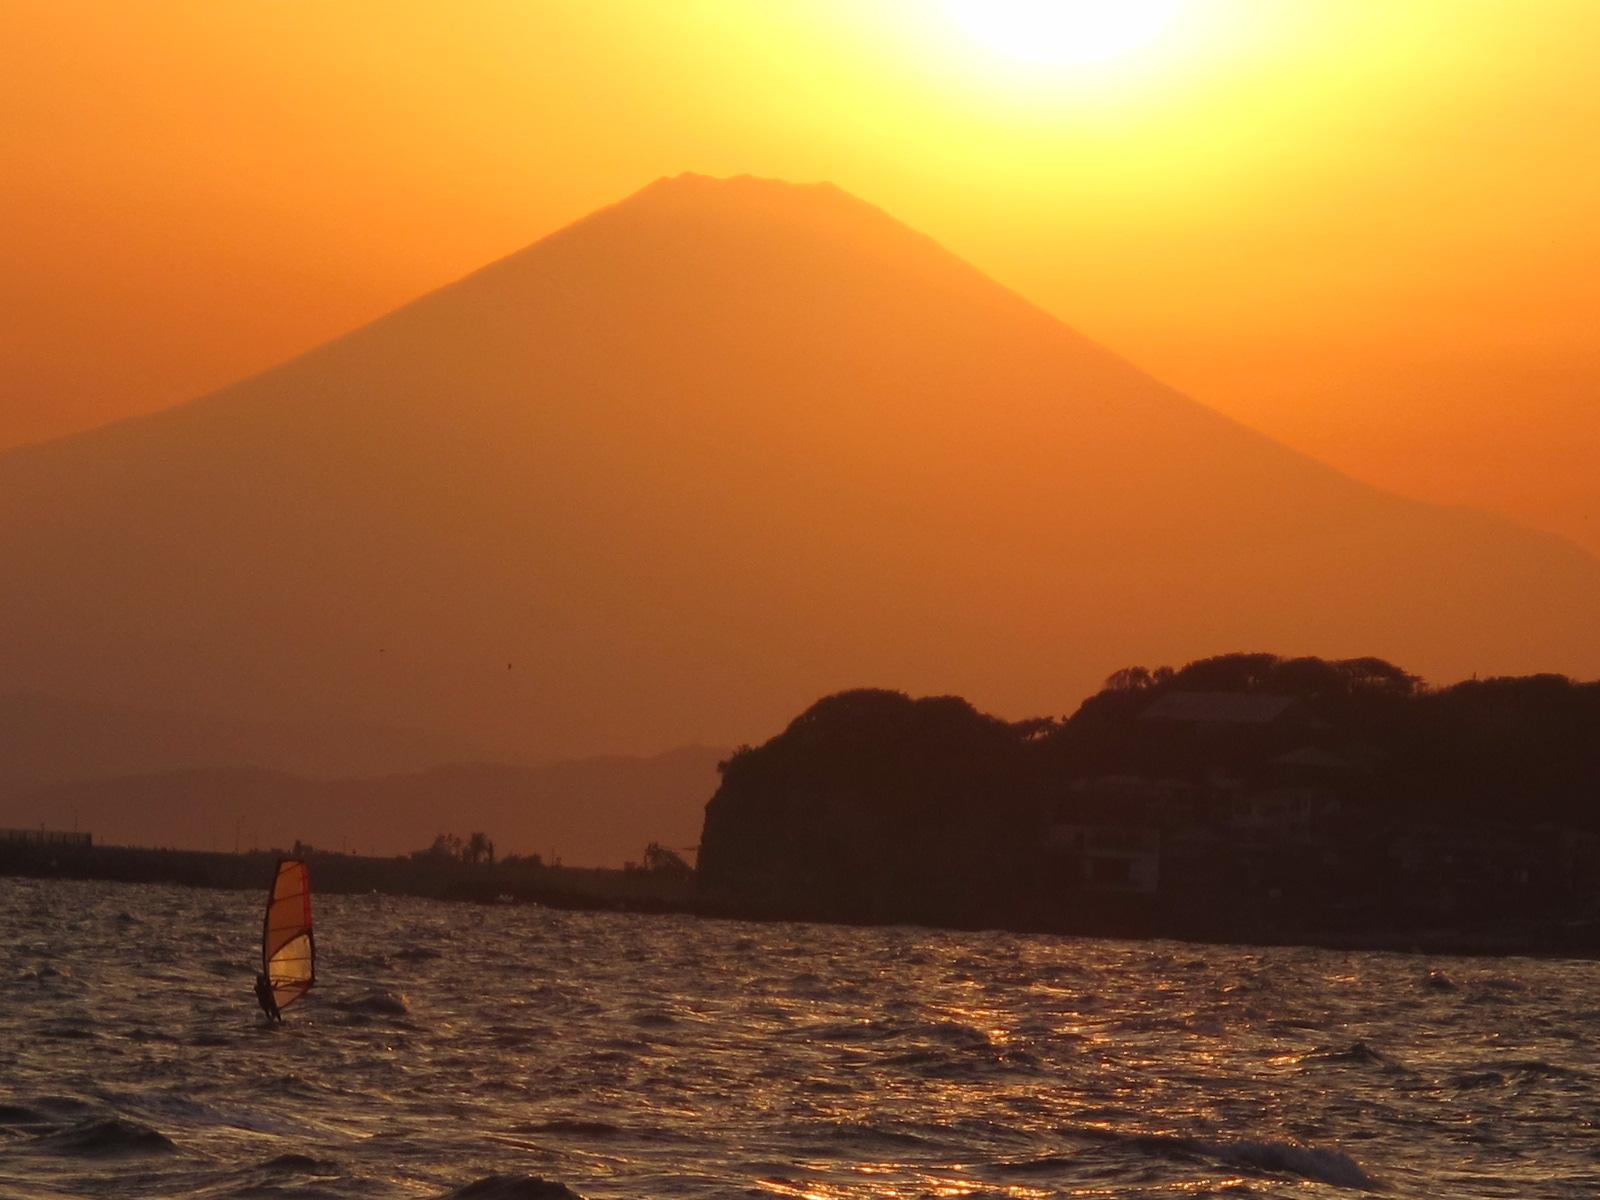 金色に耀く、ゴールデン富士・・・8_c0075701_21464639.jpg